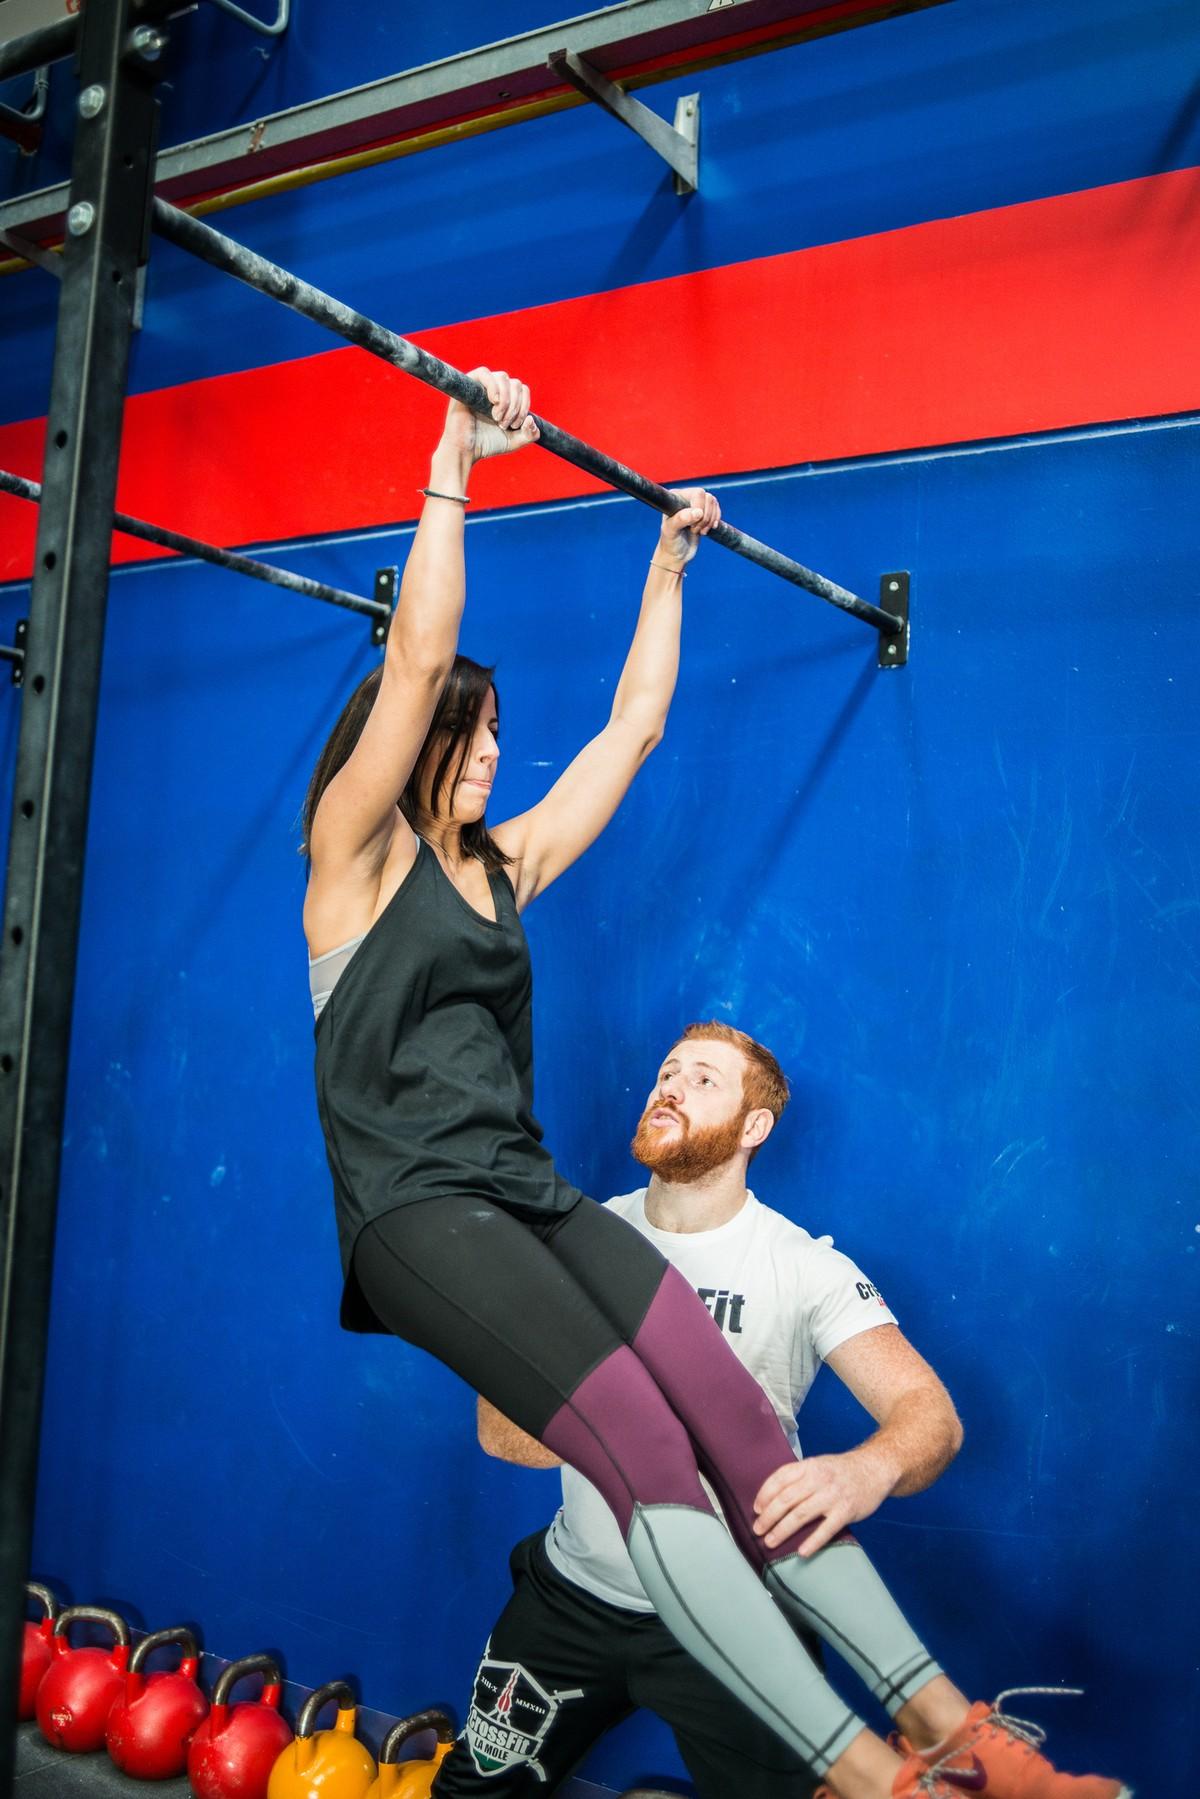 Crossfit seguro  respeitar os movimentos faz o praticante evoluir e evita  lesões  b9e9914459902